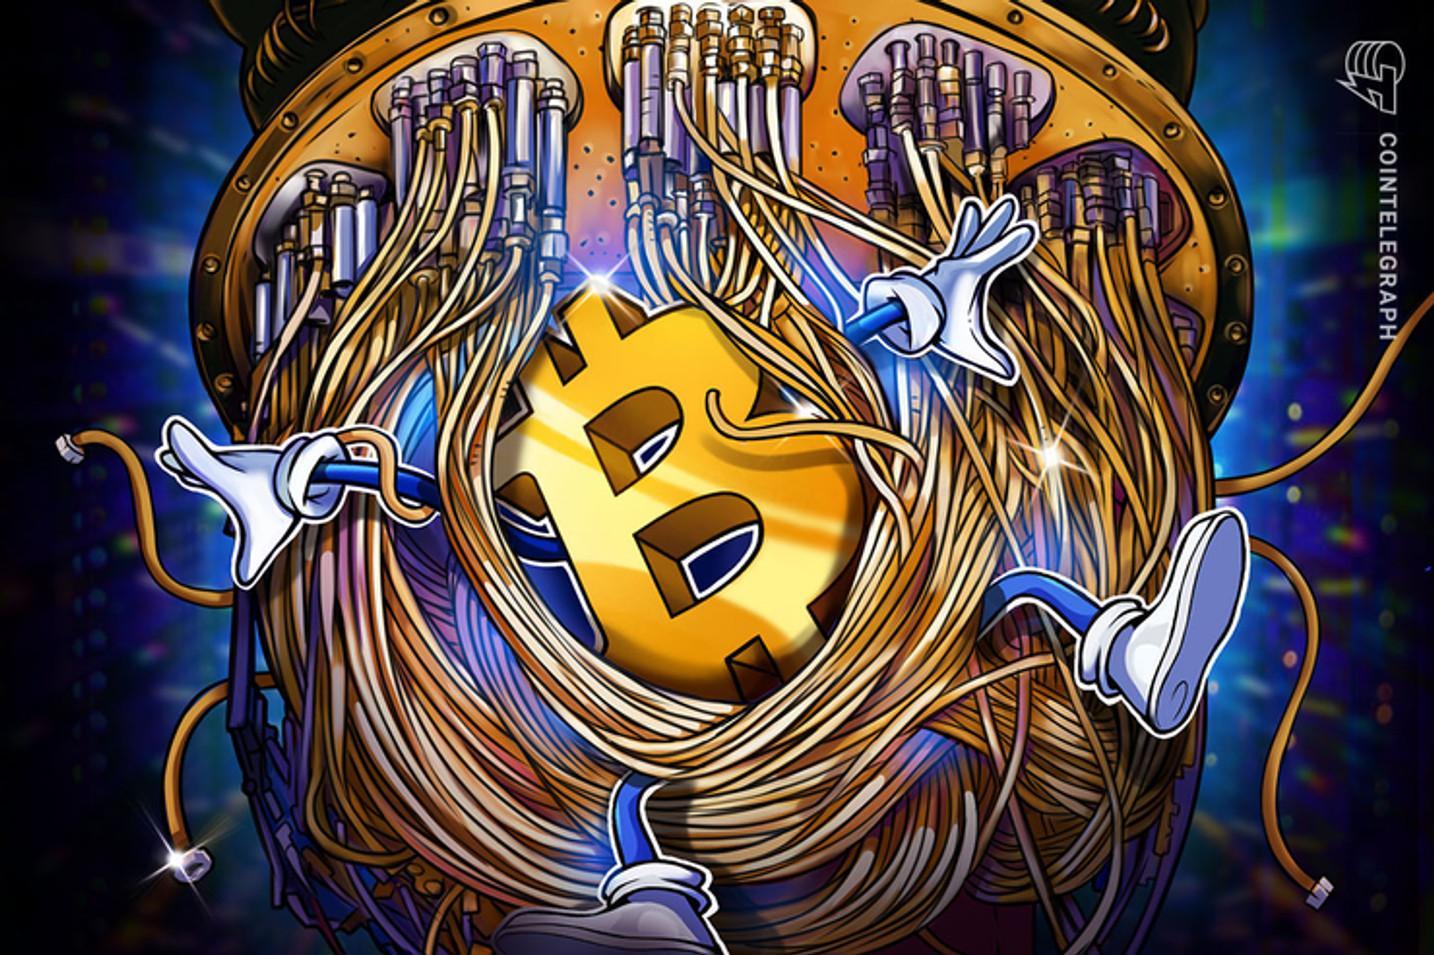 ¿La supremacía cuántica de Google destruirá a Bitcoin en 2020?